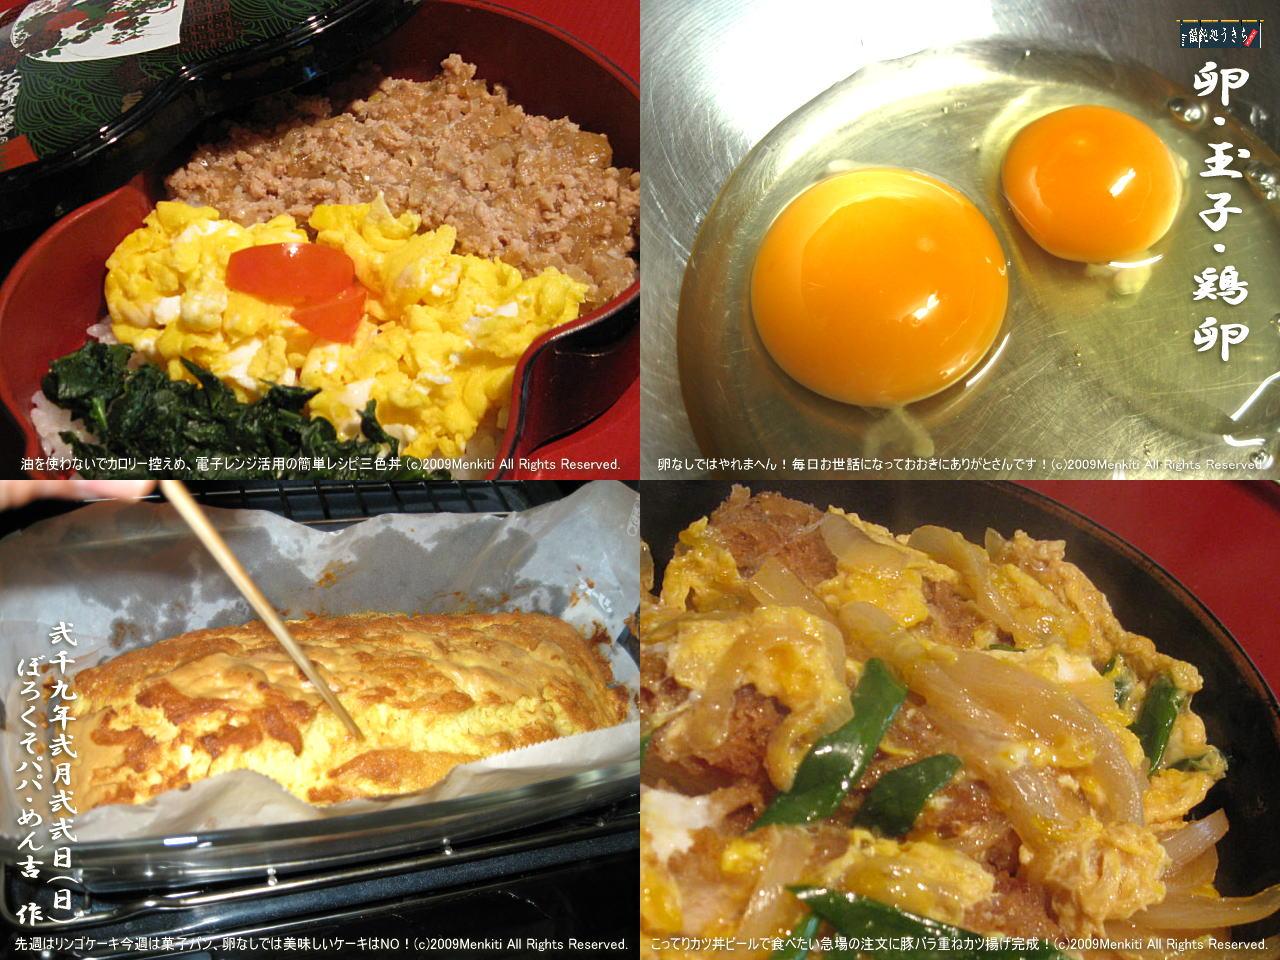 2/22(日)卵なしではやれまへん!毎日お世話になっておおきにありがとさんです!@キャツピ&めん吉の【ぼろくそパパの独り言】     ▼クリックで1280x960pxlsに拡大します。